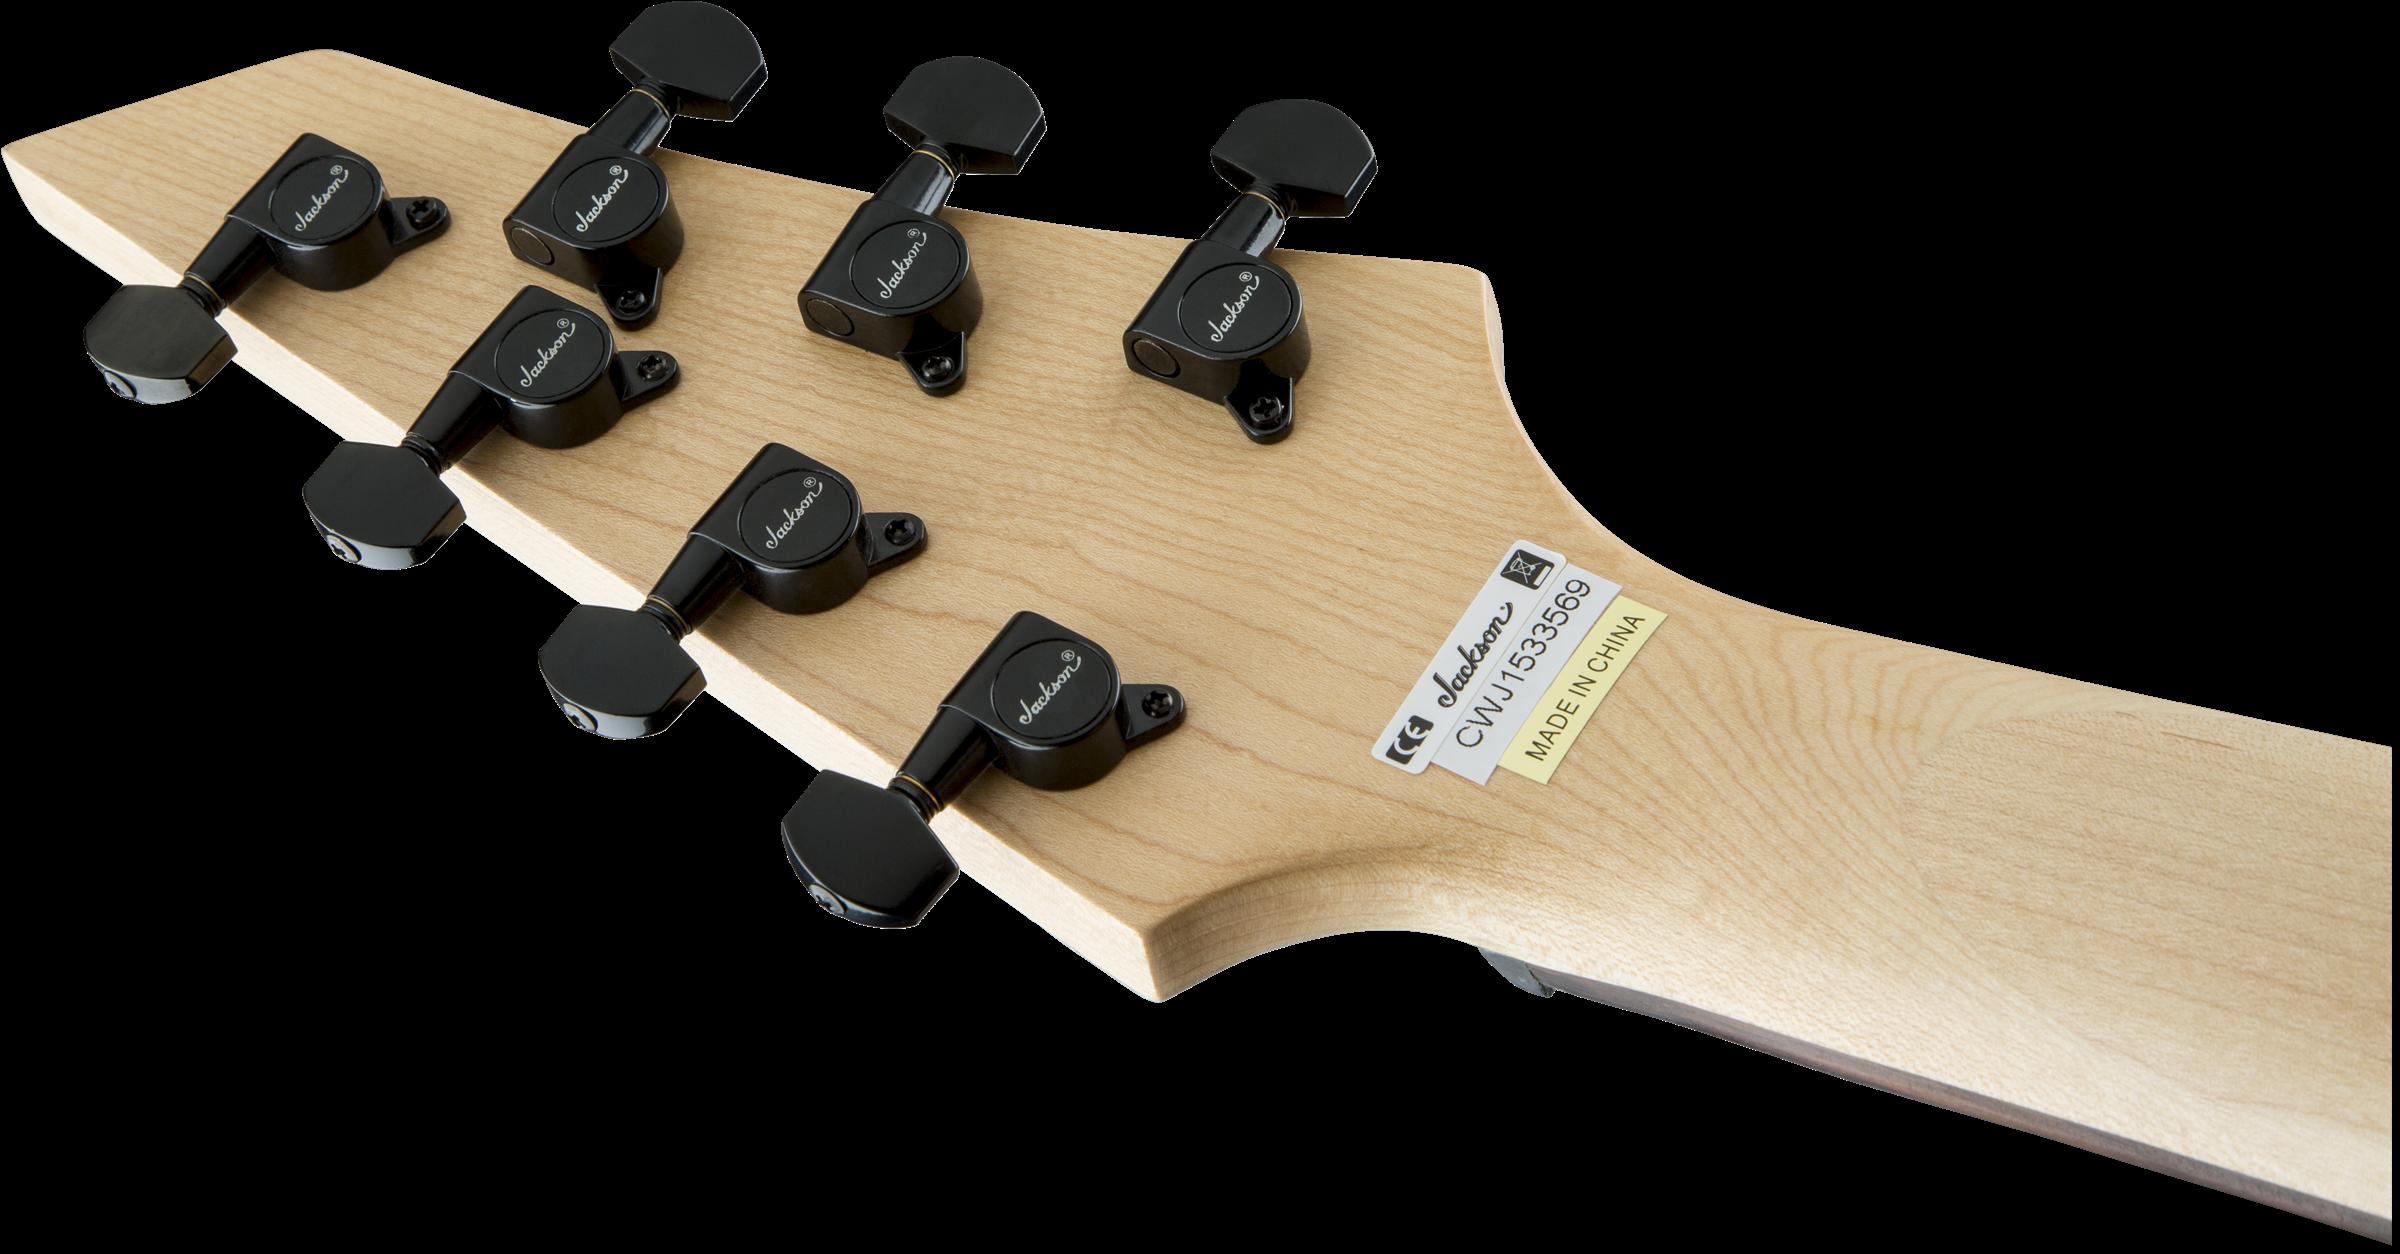 schecter solo guitar wiring diagrams schecter guitar parts